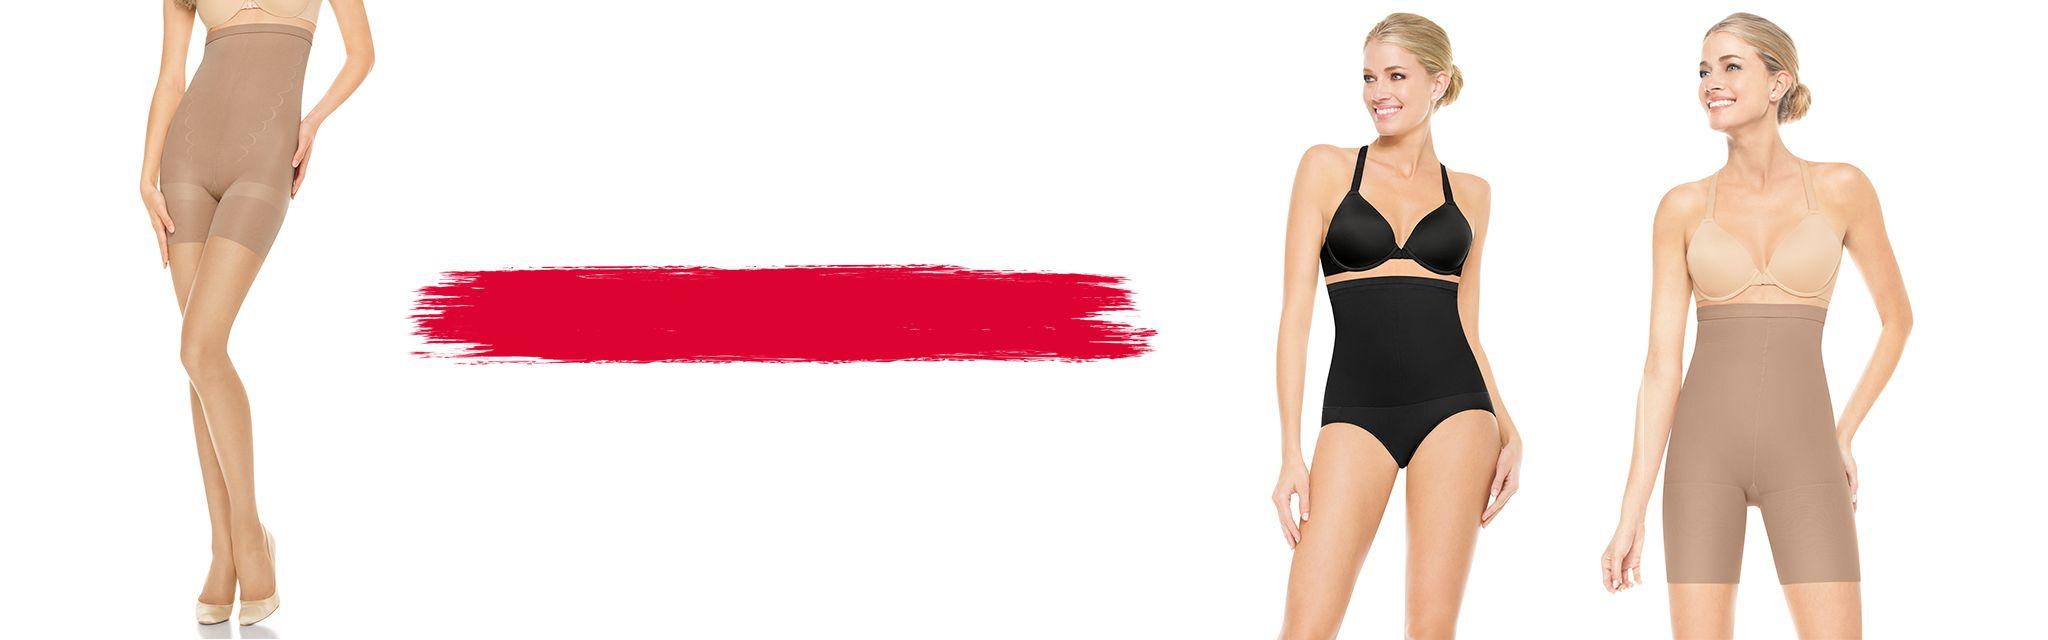 3 Spanx Models Wearing Shaping Hosiery & Sheers